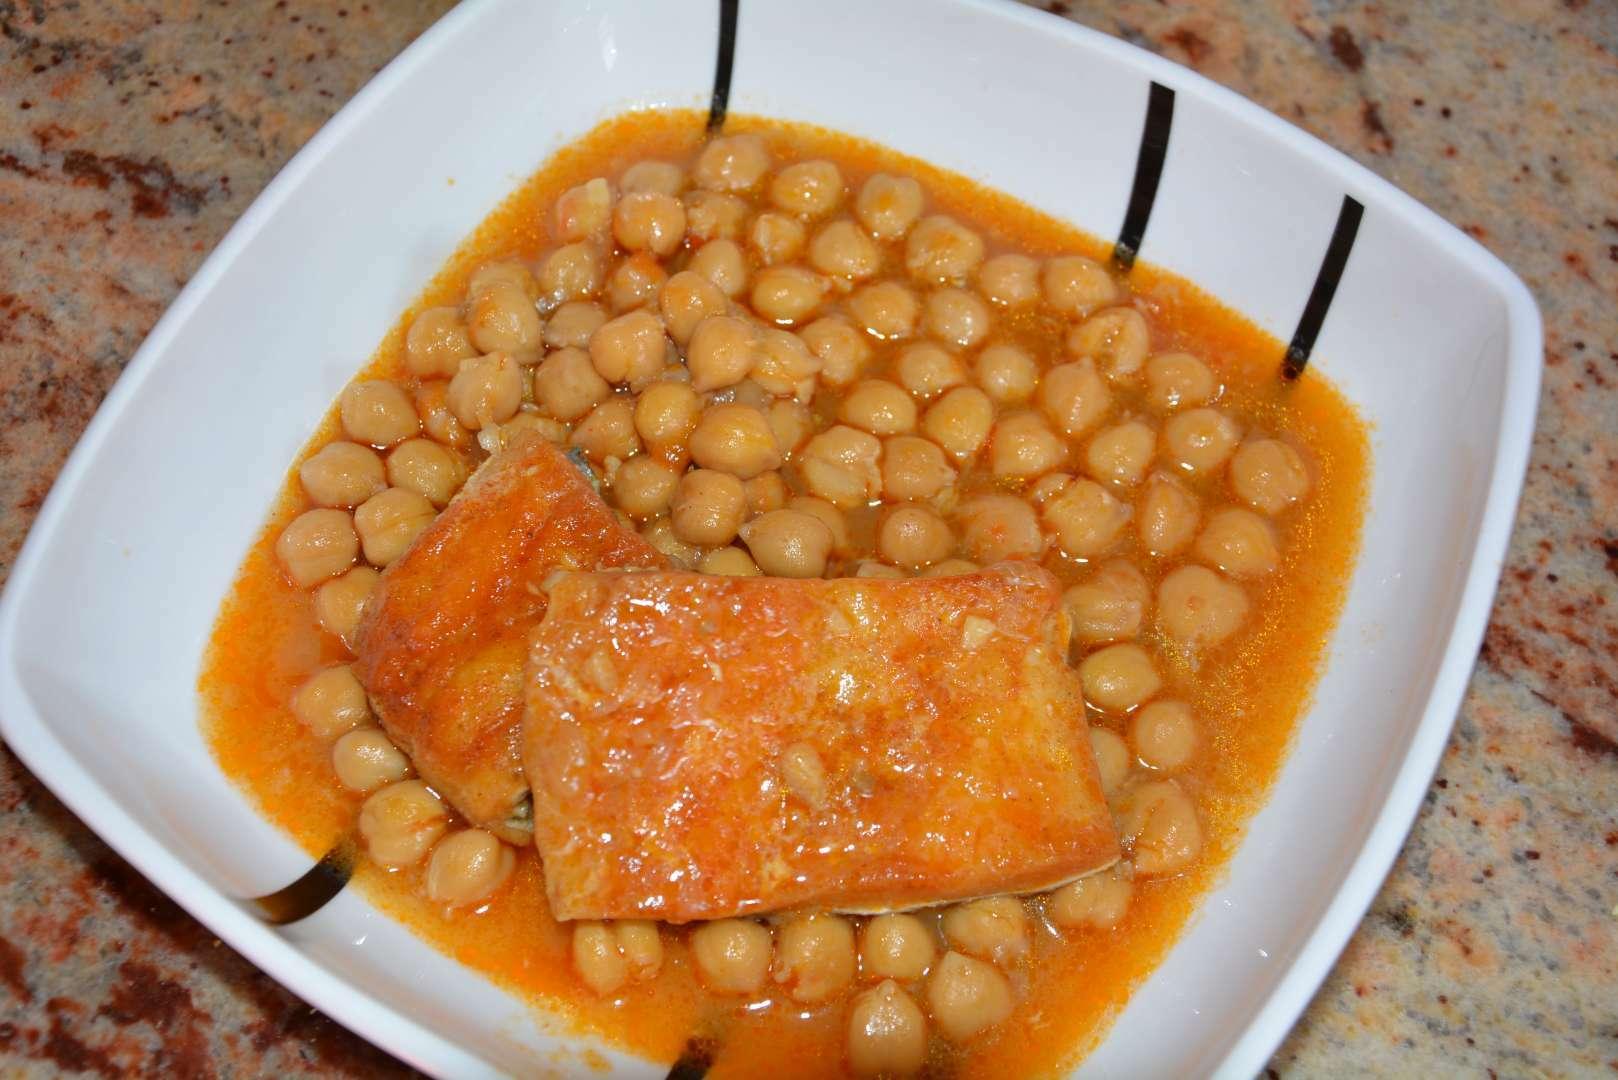 Garbanzos con bacalao en olla rapida receta petitchef - Bacalao con garbanzos y patatas ...